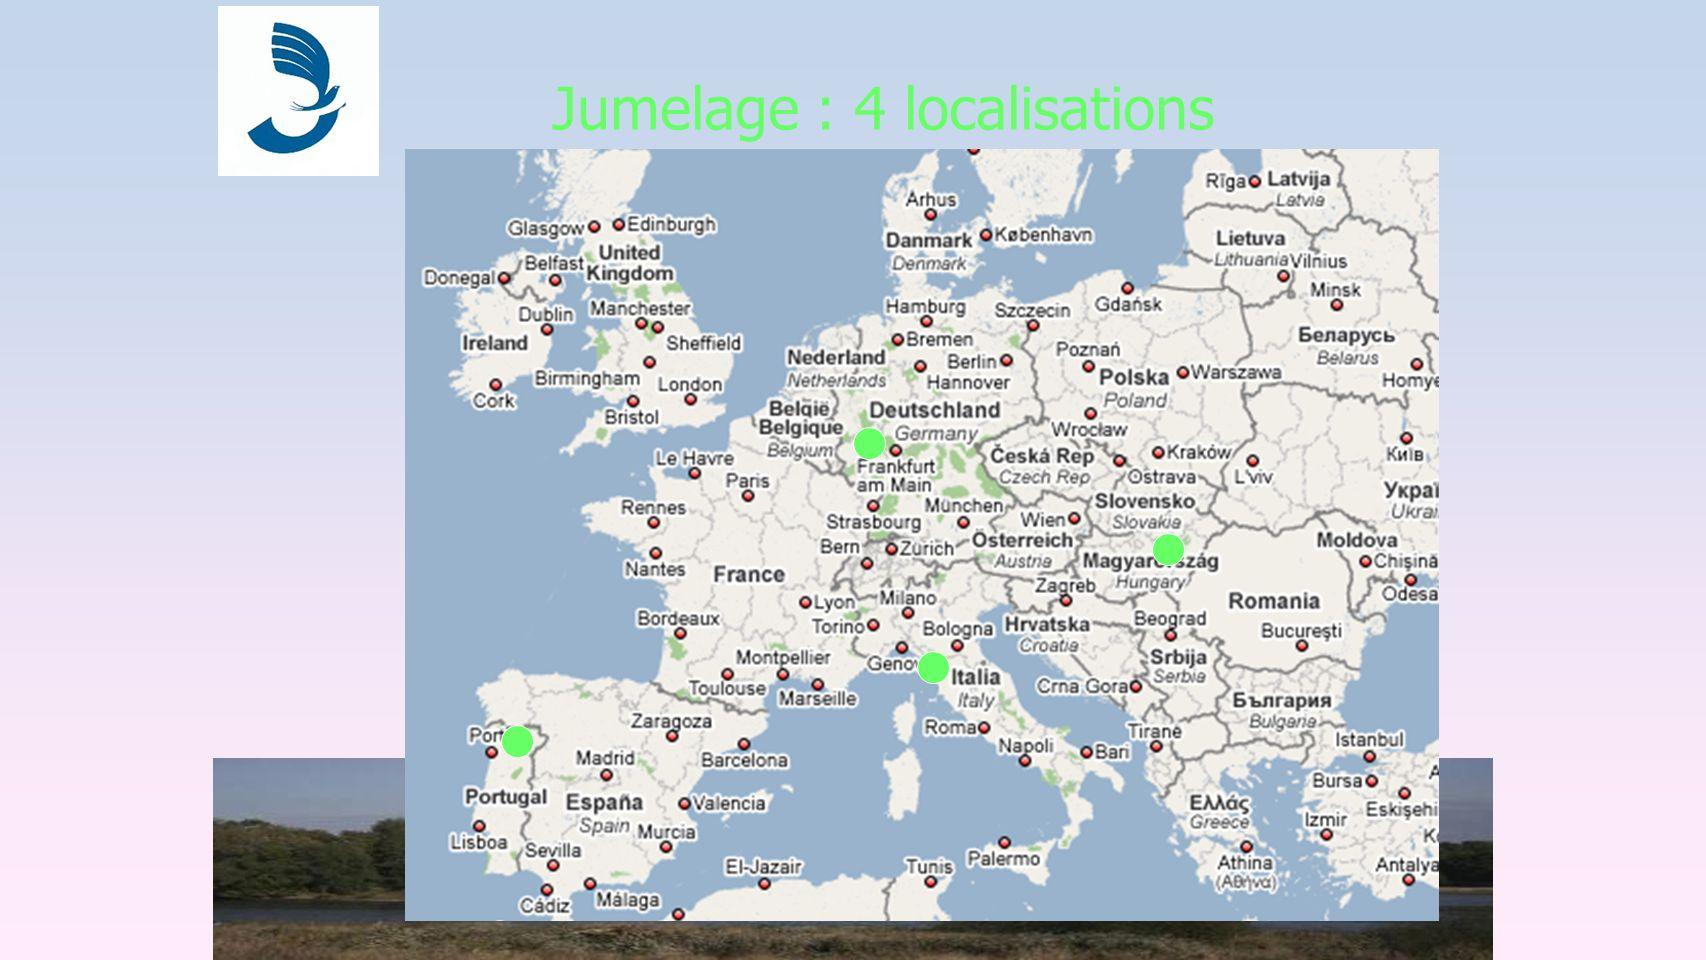 Jumelage : 4 localisations